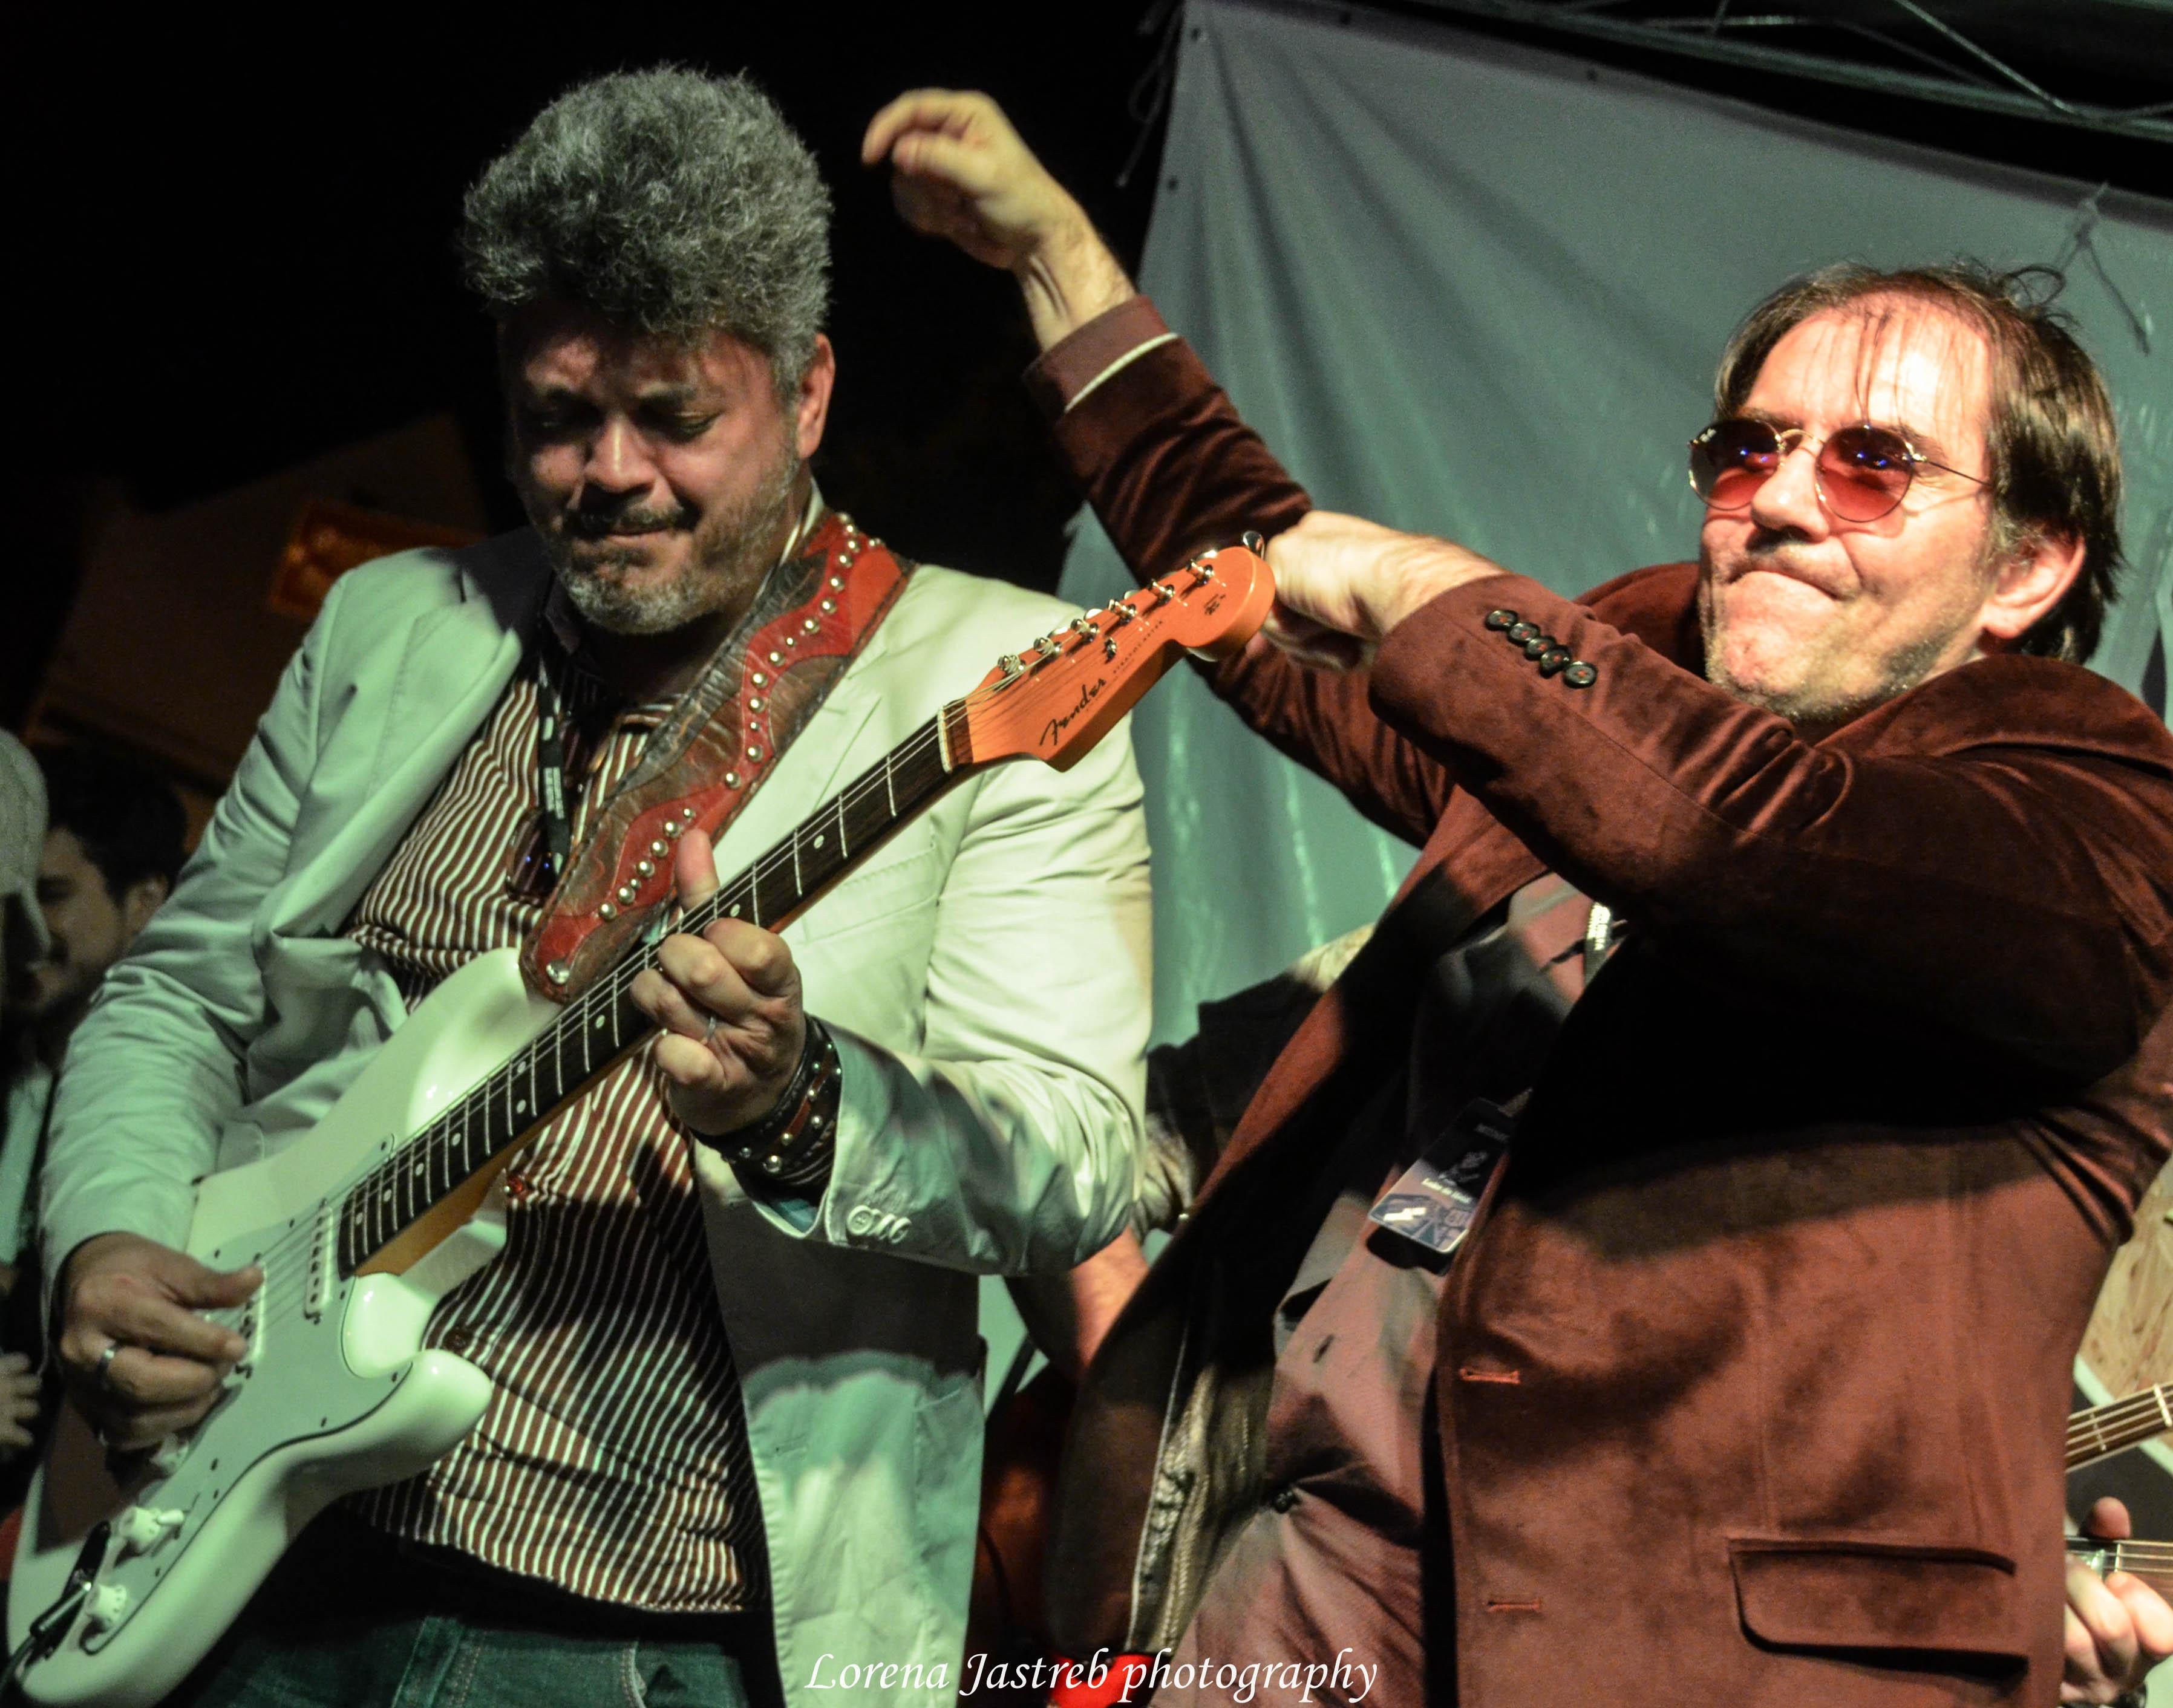 Decio Caetano & Luke de Held